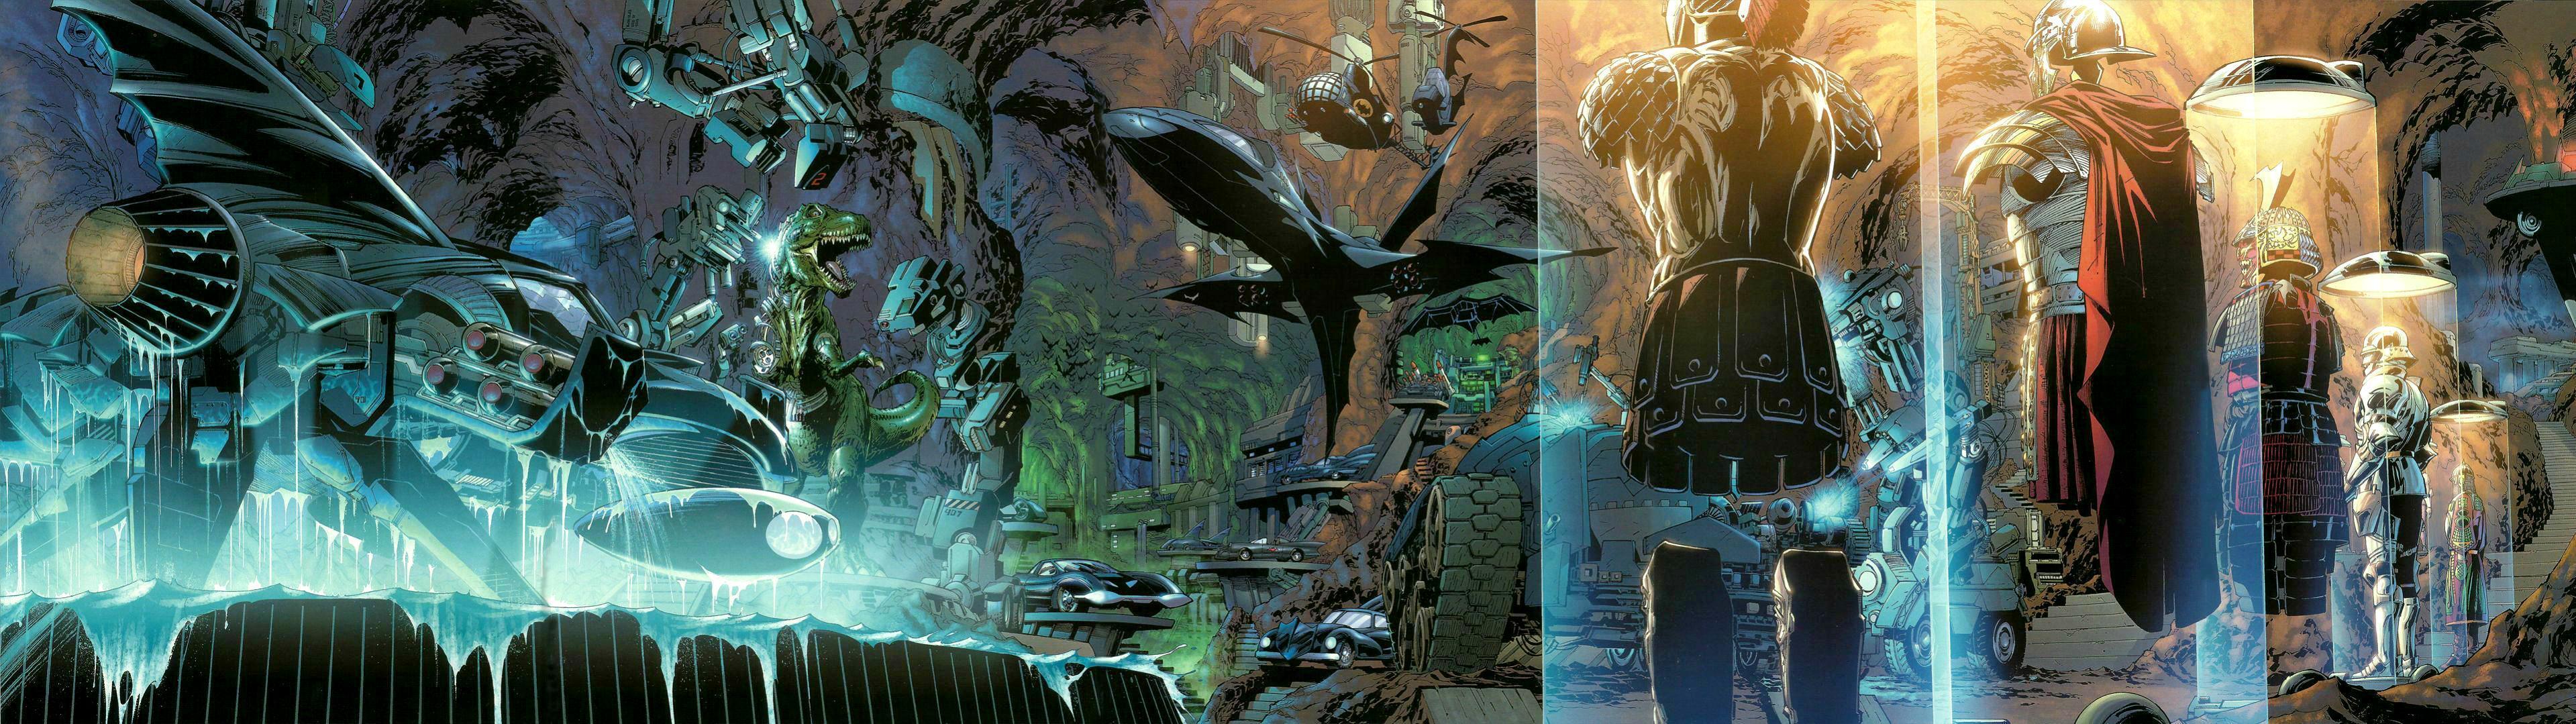 A Dual screen wallpaper of the Batcave : batman